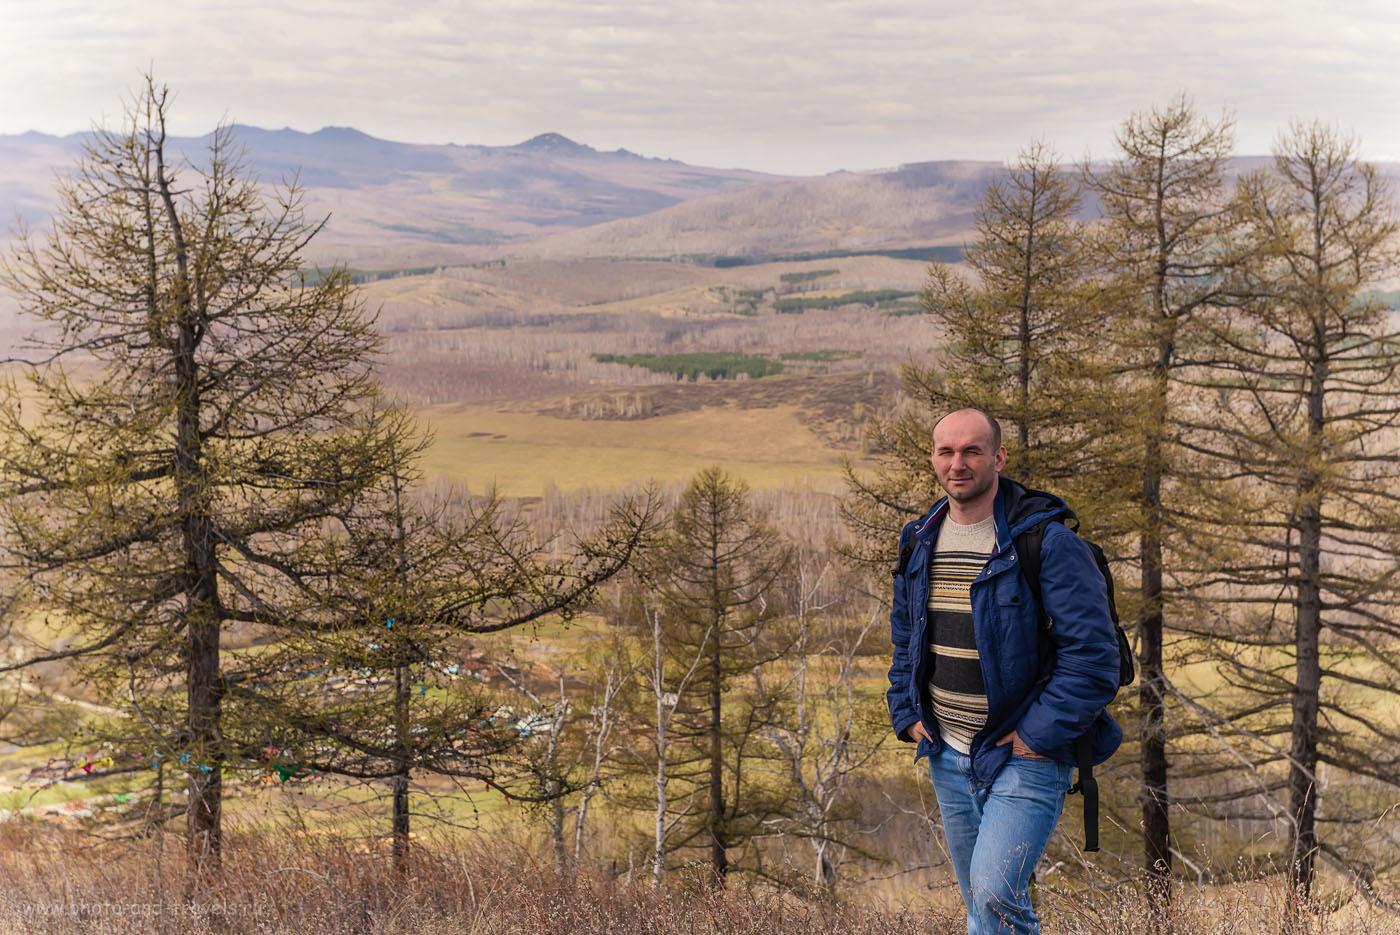 Фотография 3. С вершины горы Ауштау открывается чудесный вид на хребет Алабия (видимо, это он позади меня) и на Нурали. Отчет о поездке в Башкирию на автомобиле. Объектив Nikon 24-70 mm f/2.8. Параметры съемки: 1/200, -0.33, 8.0, 250, 70.